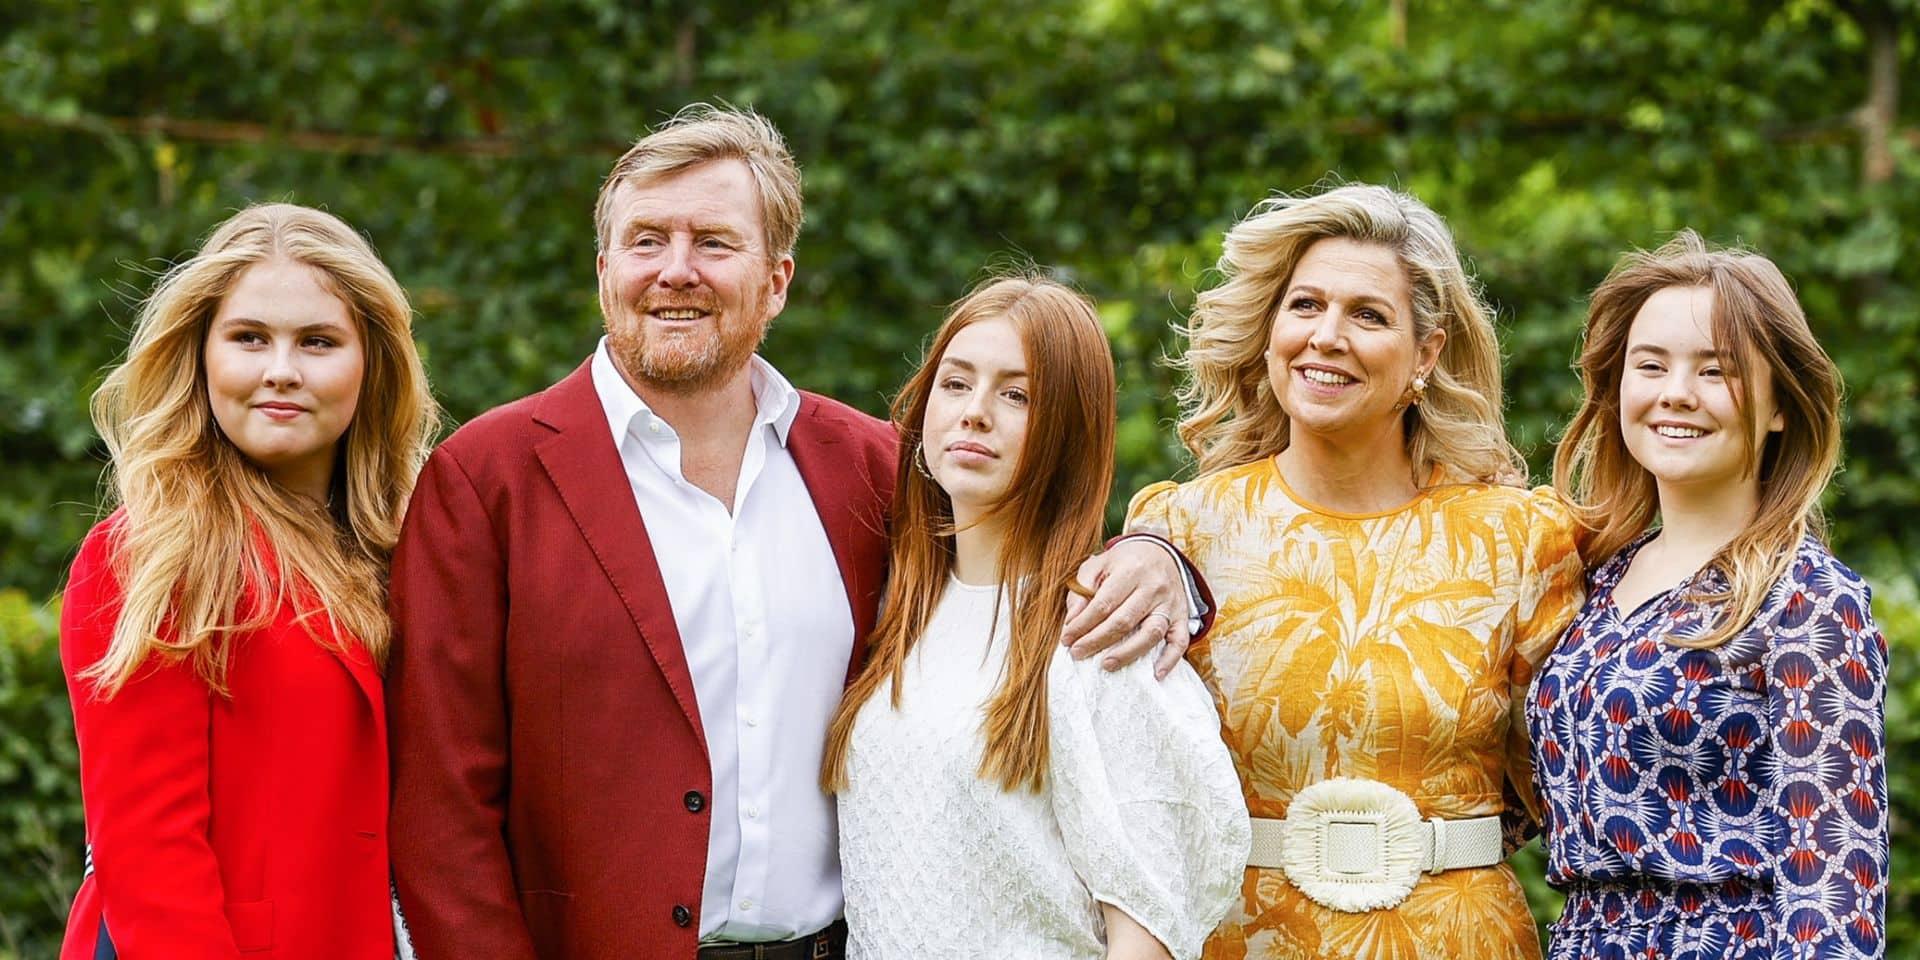 Le nouveau portrait ultra coloré de la famille royale des Pays-Bas